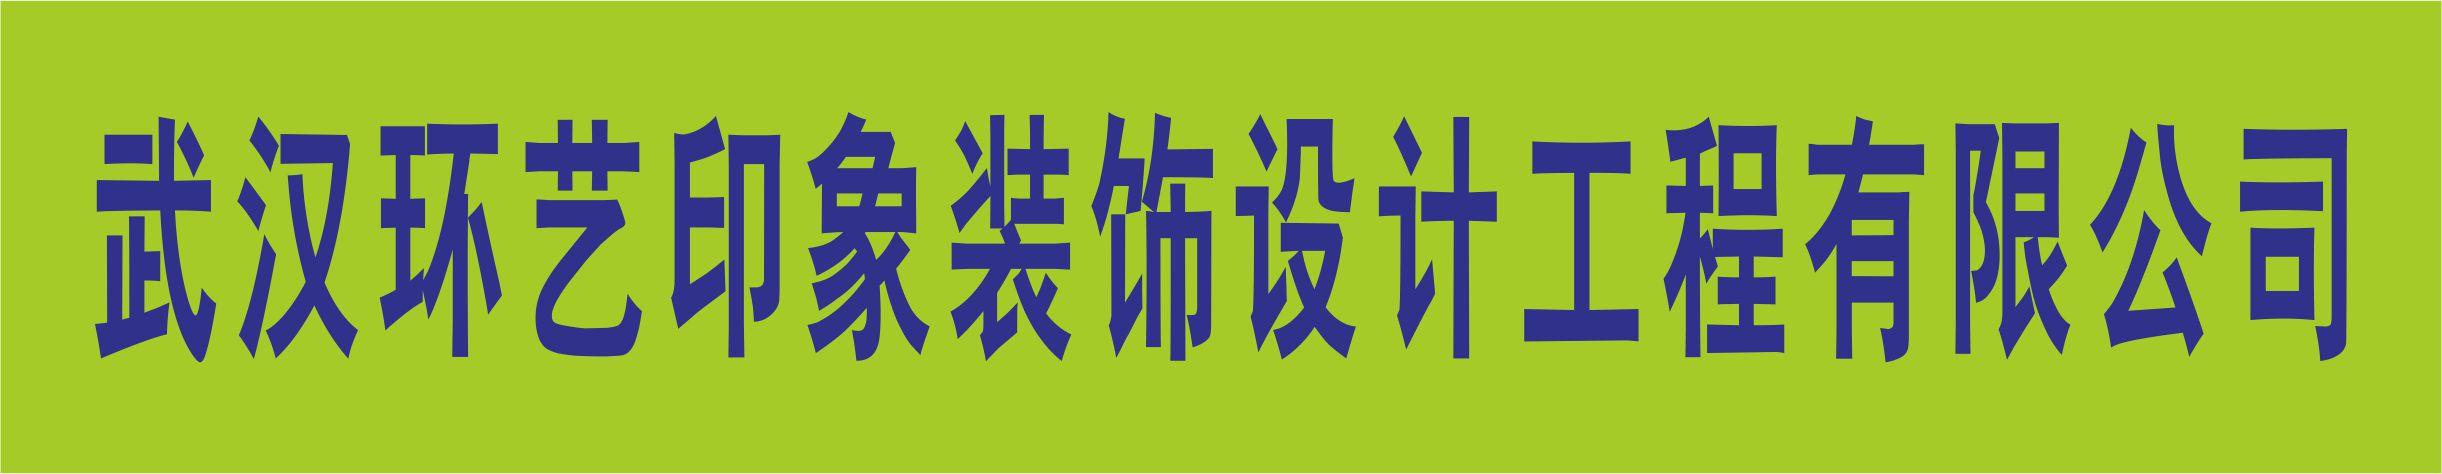 武汉环艺印象装饰设计工程有限公司